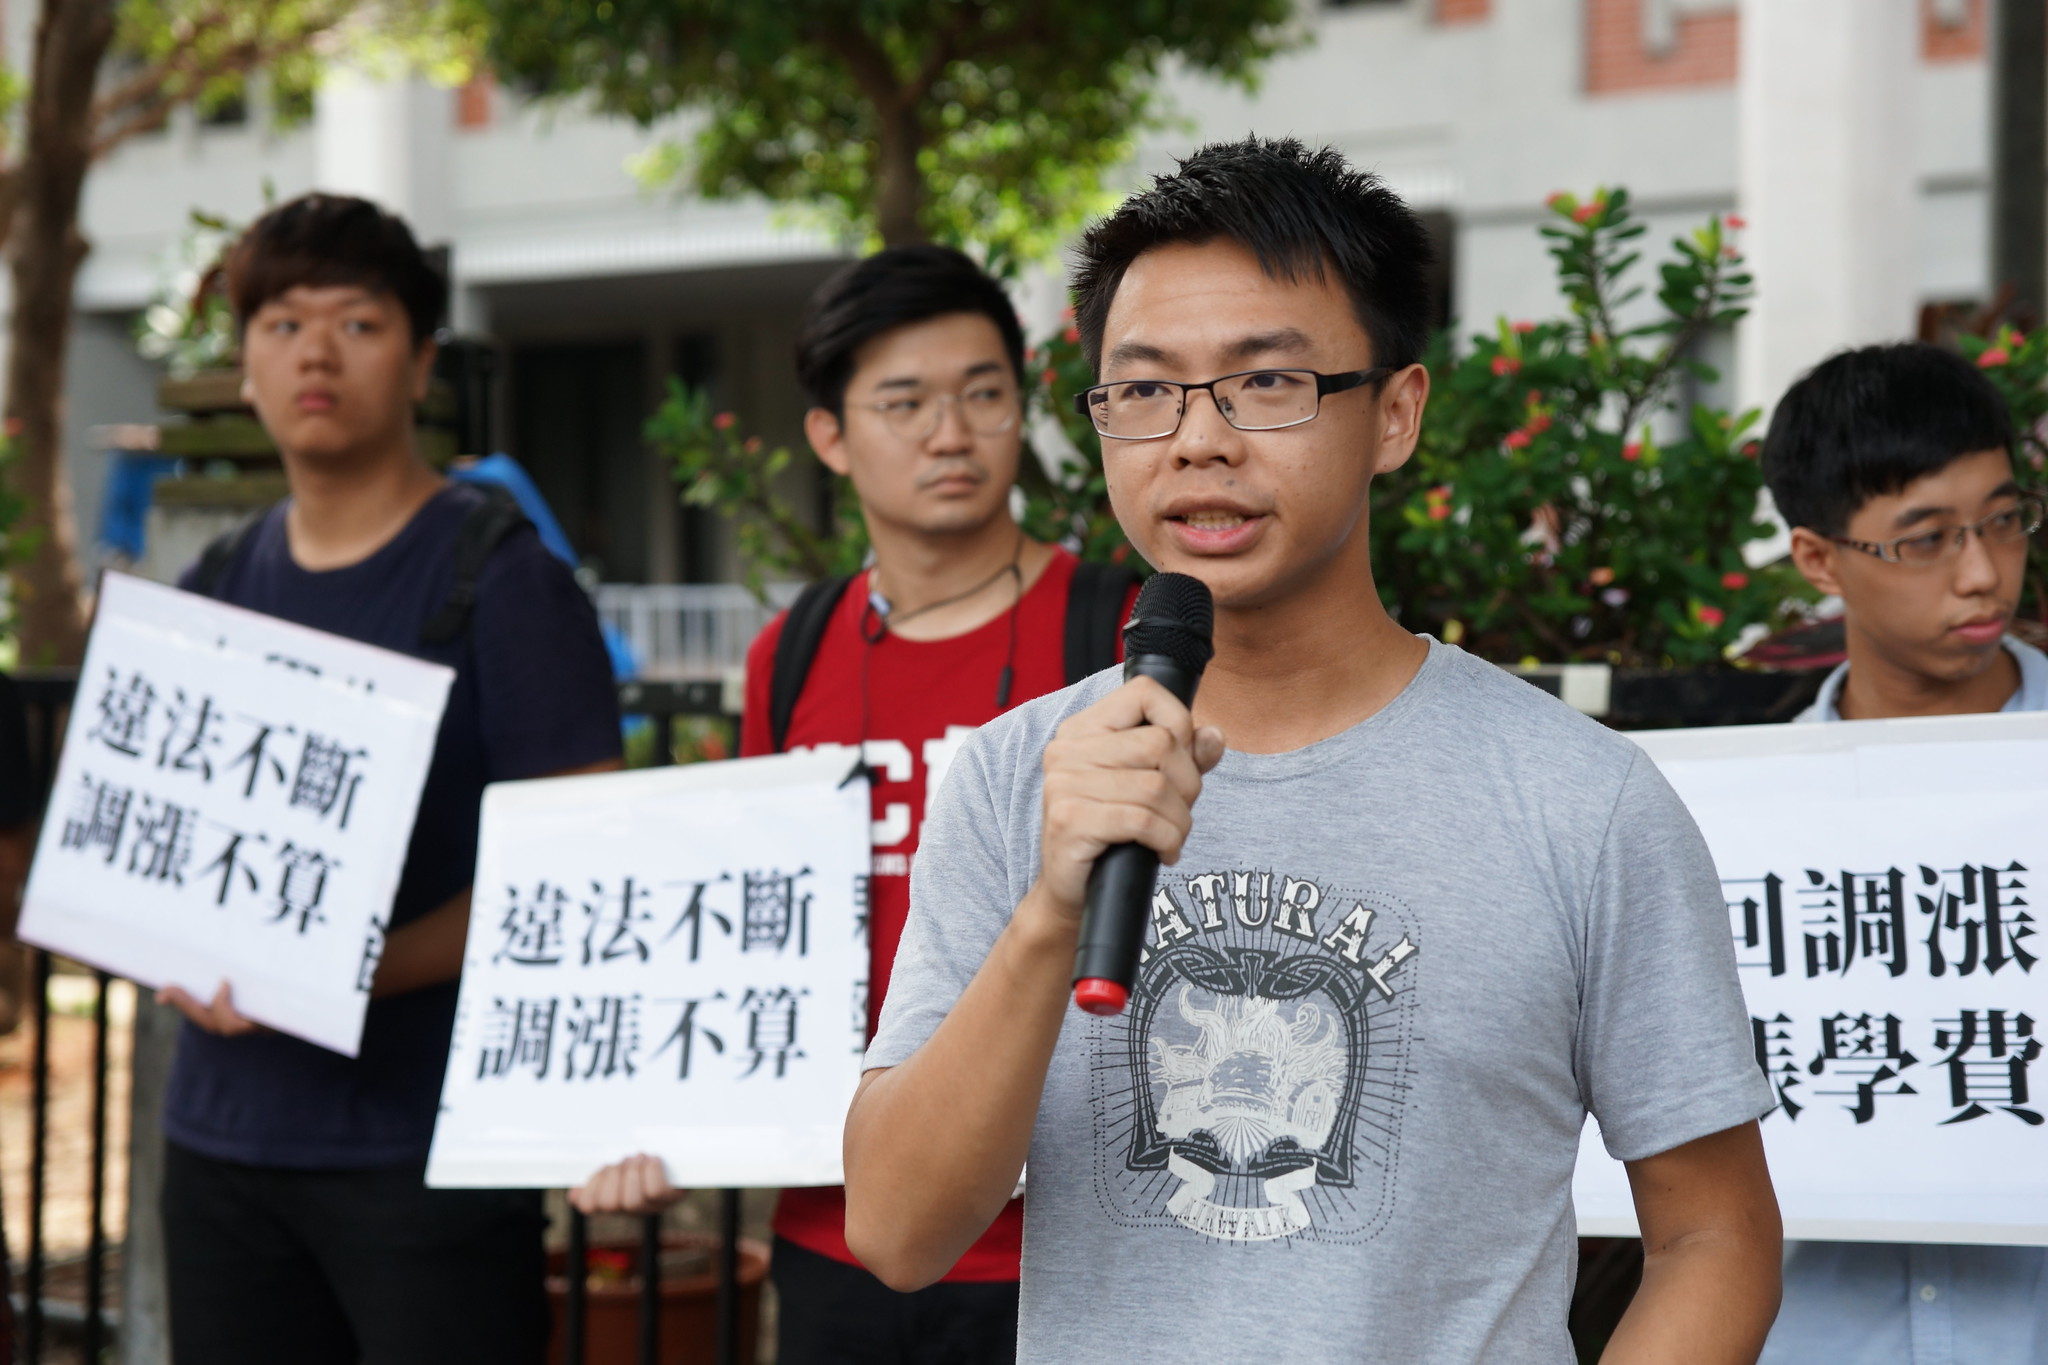 中兴大学学生出面指控校方申请调涨学费过程黑箱草率。(摄影:王颢中)